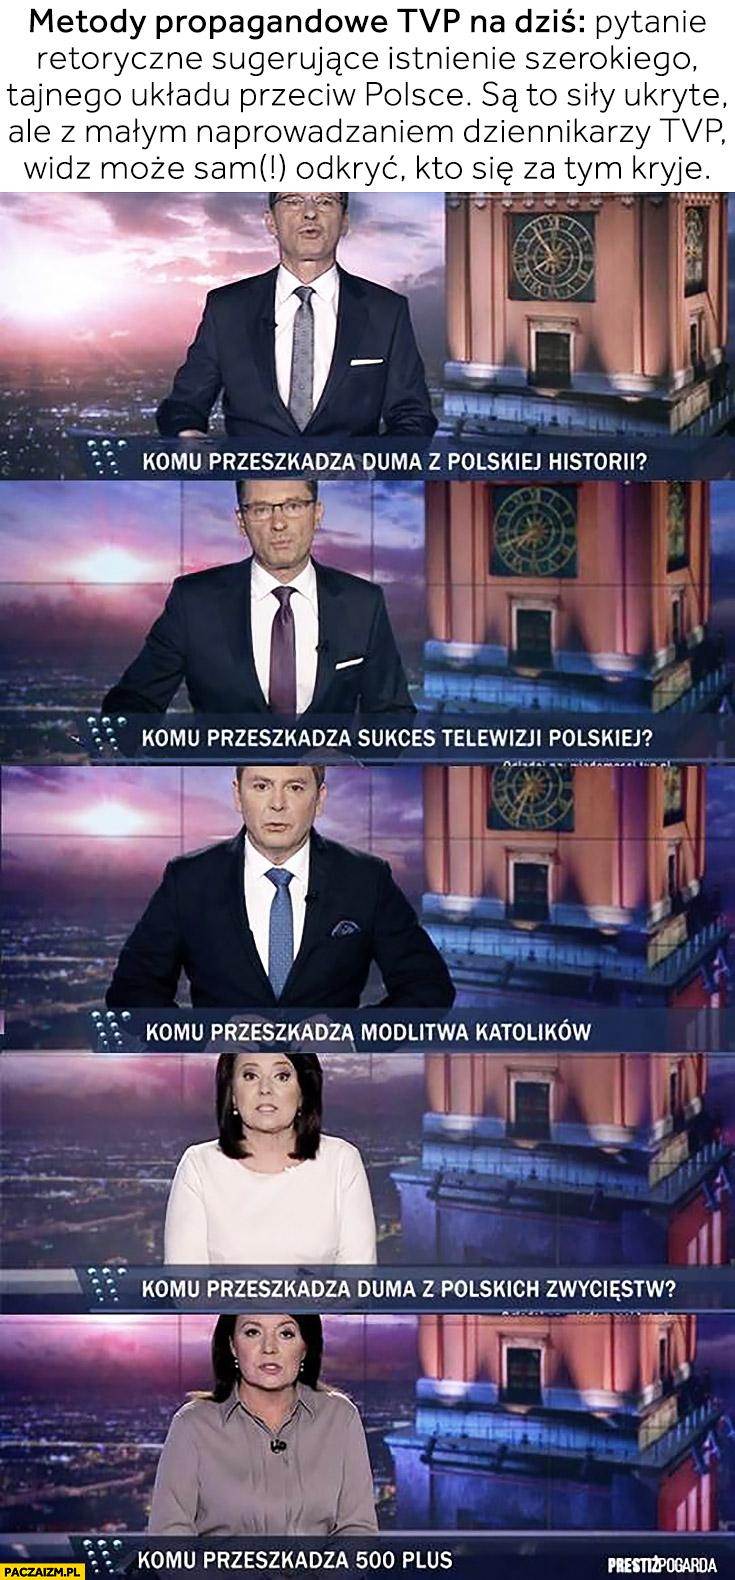 Metody propagandowe TVP: pytanie retoryczne sugerujące istnienie układu przeciw Polsce. Z naprowadzaniem dziennikarzy TVP widz może sam odkryć komu przeszkadza paski Wiadomości TVP